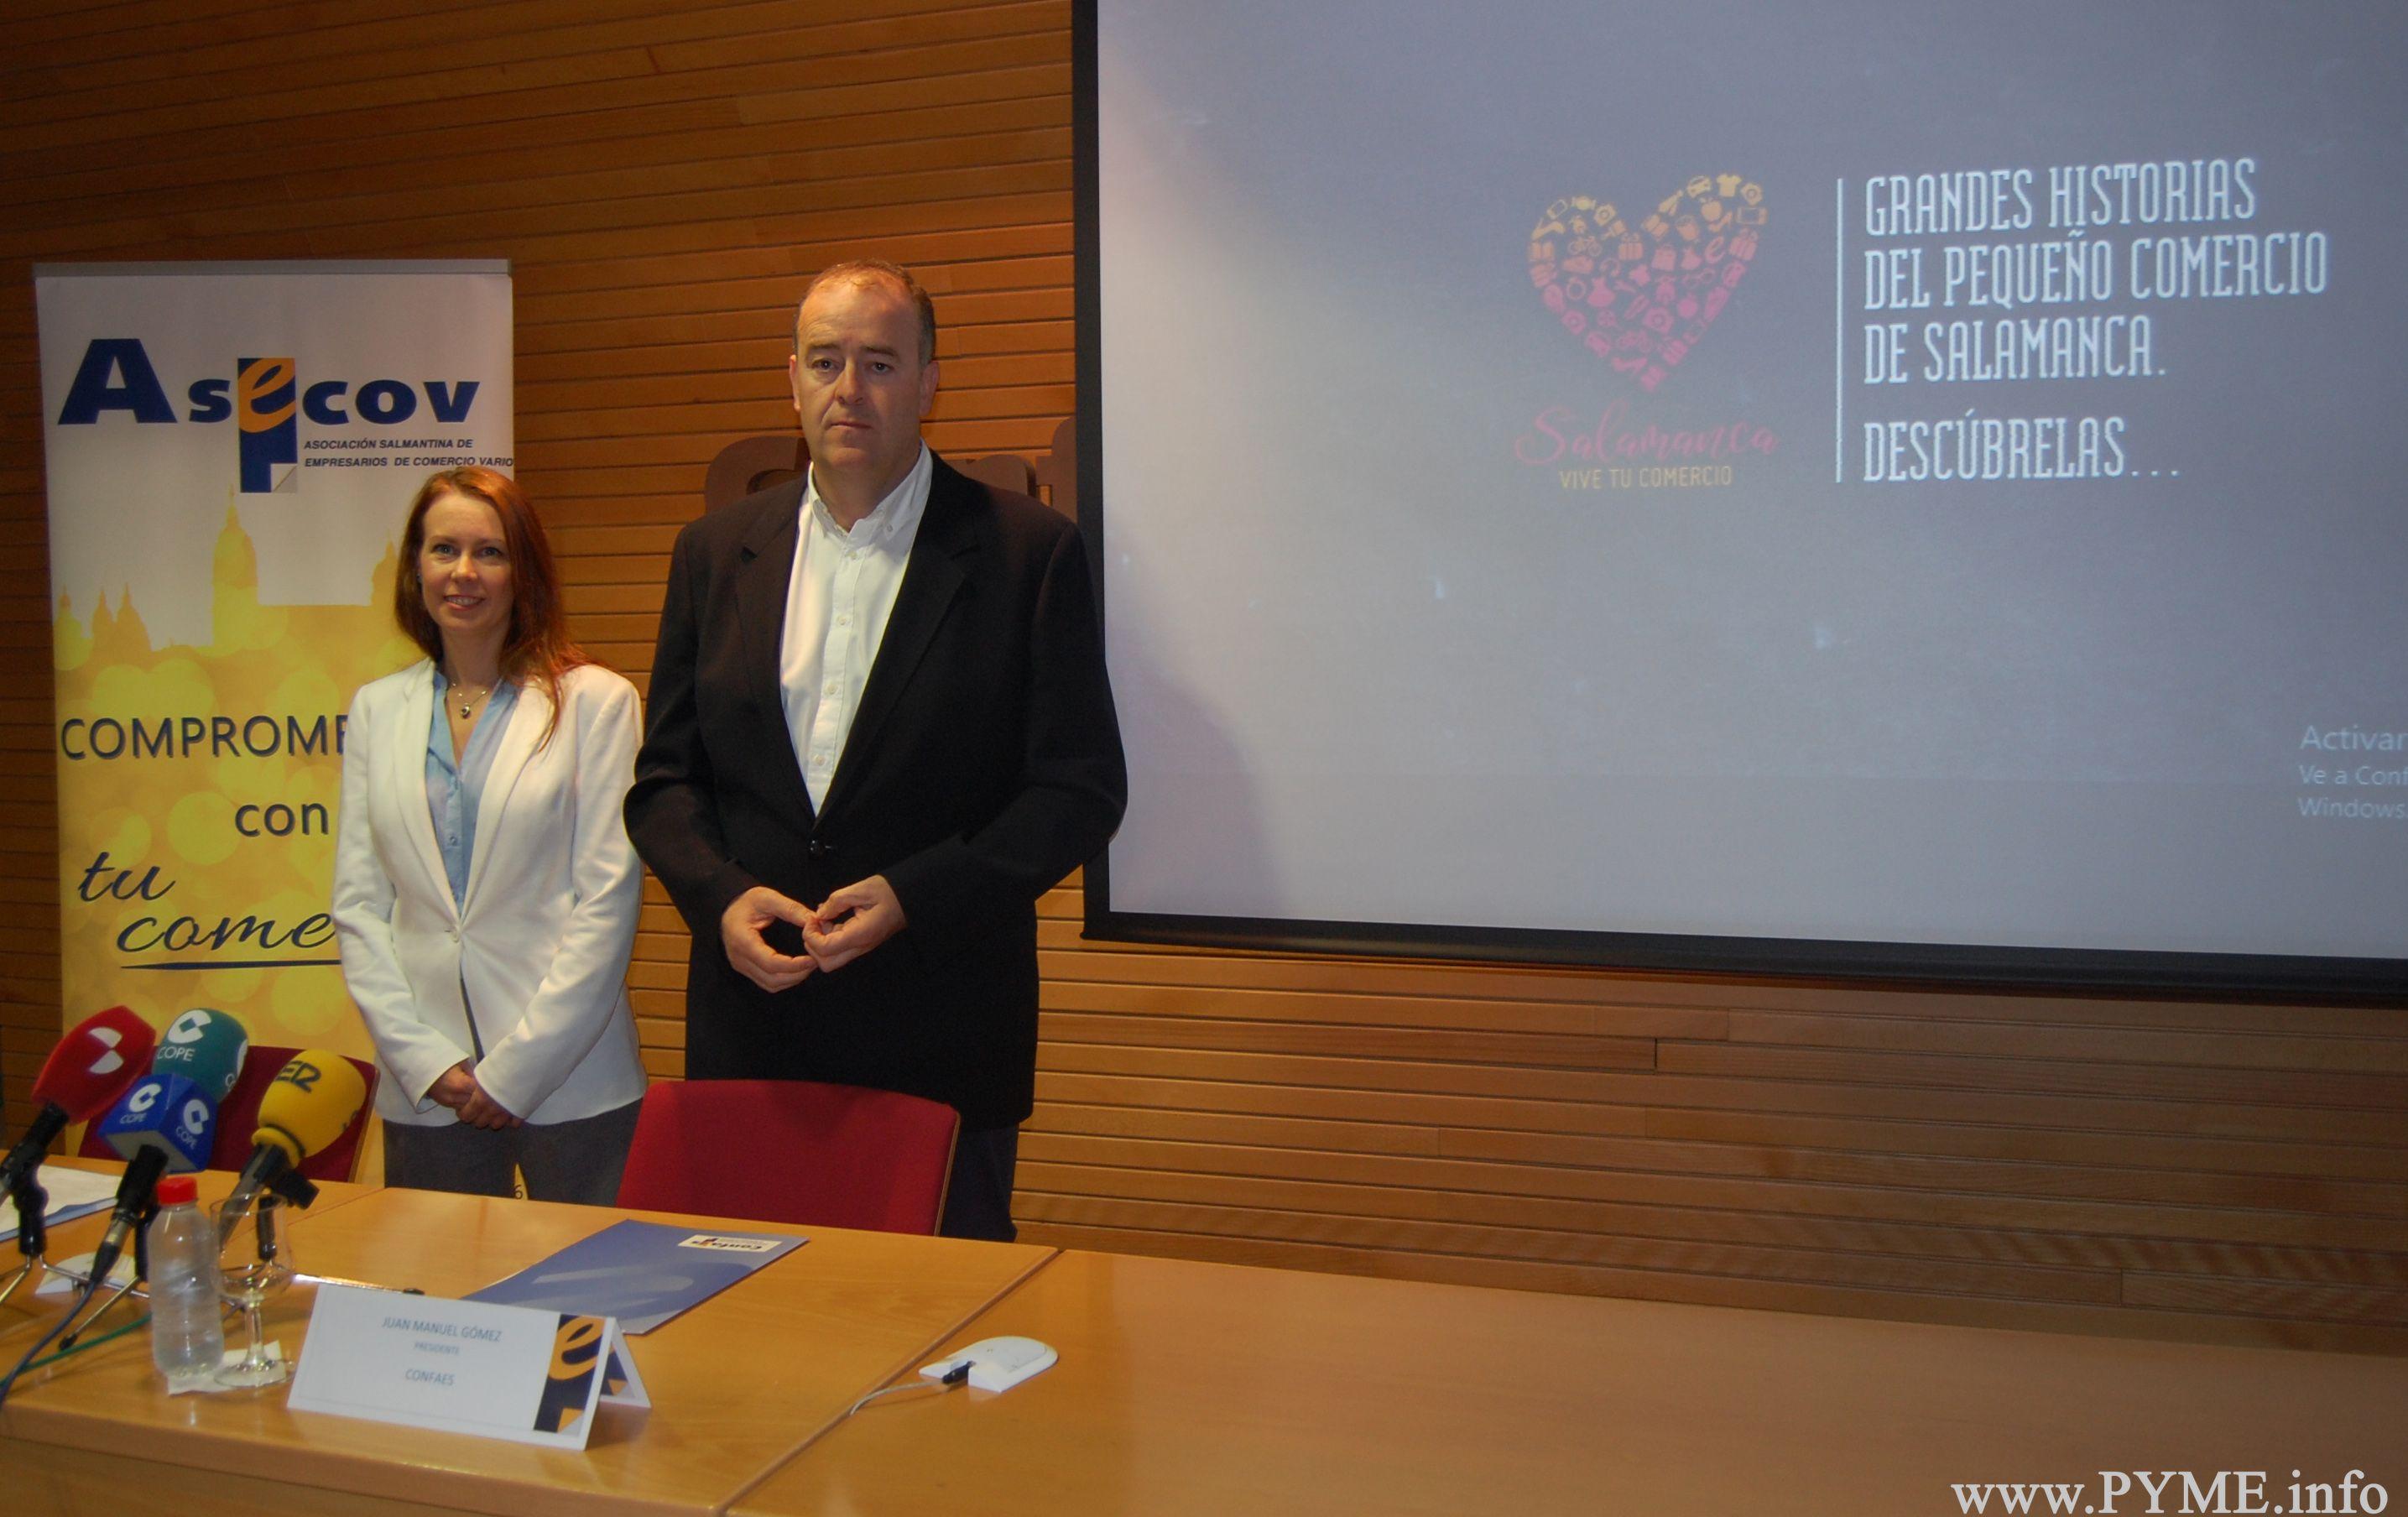 presentación_campaña_ASECOV_Grandes_Historias_result